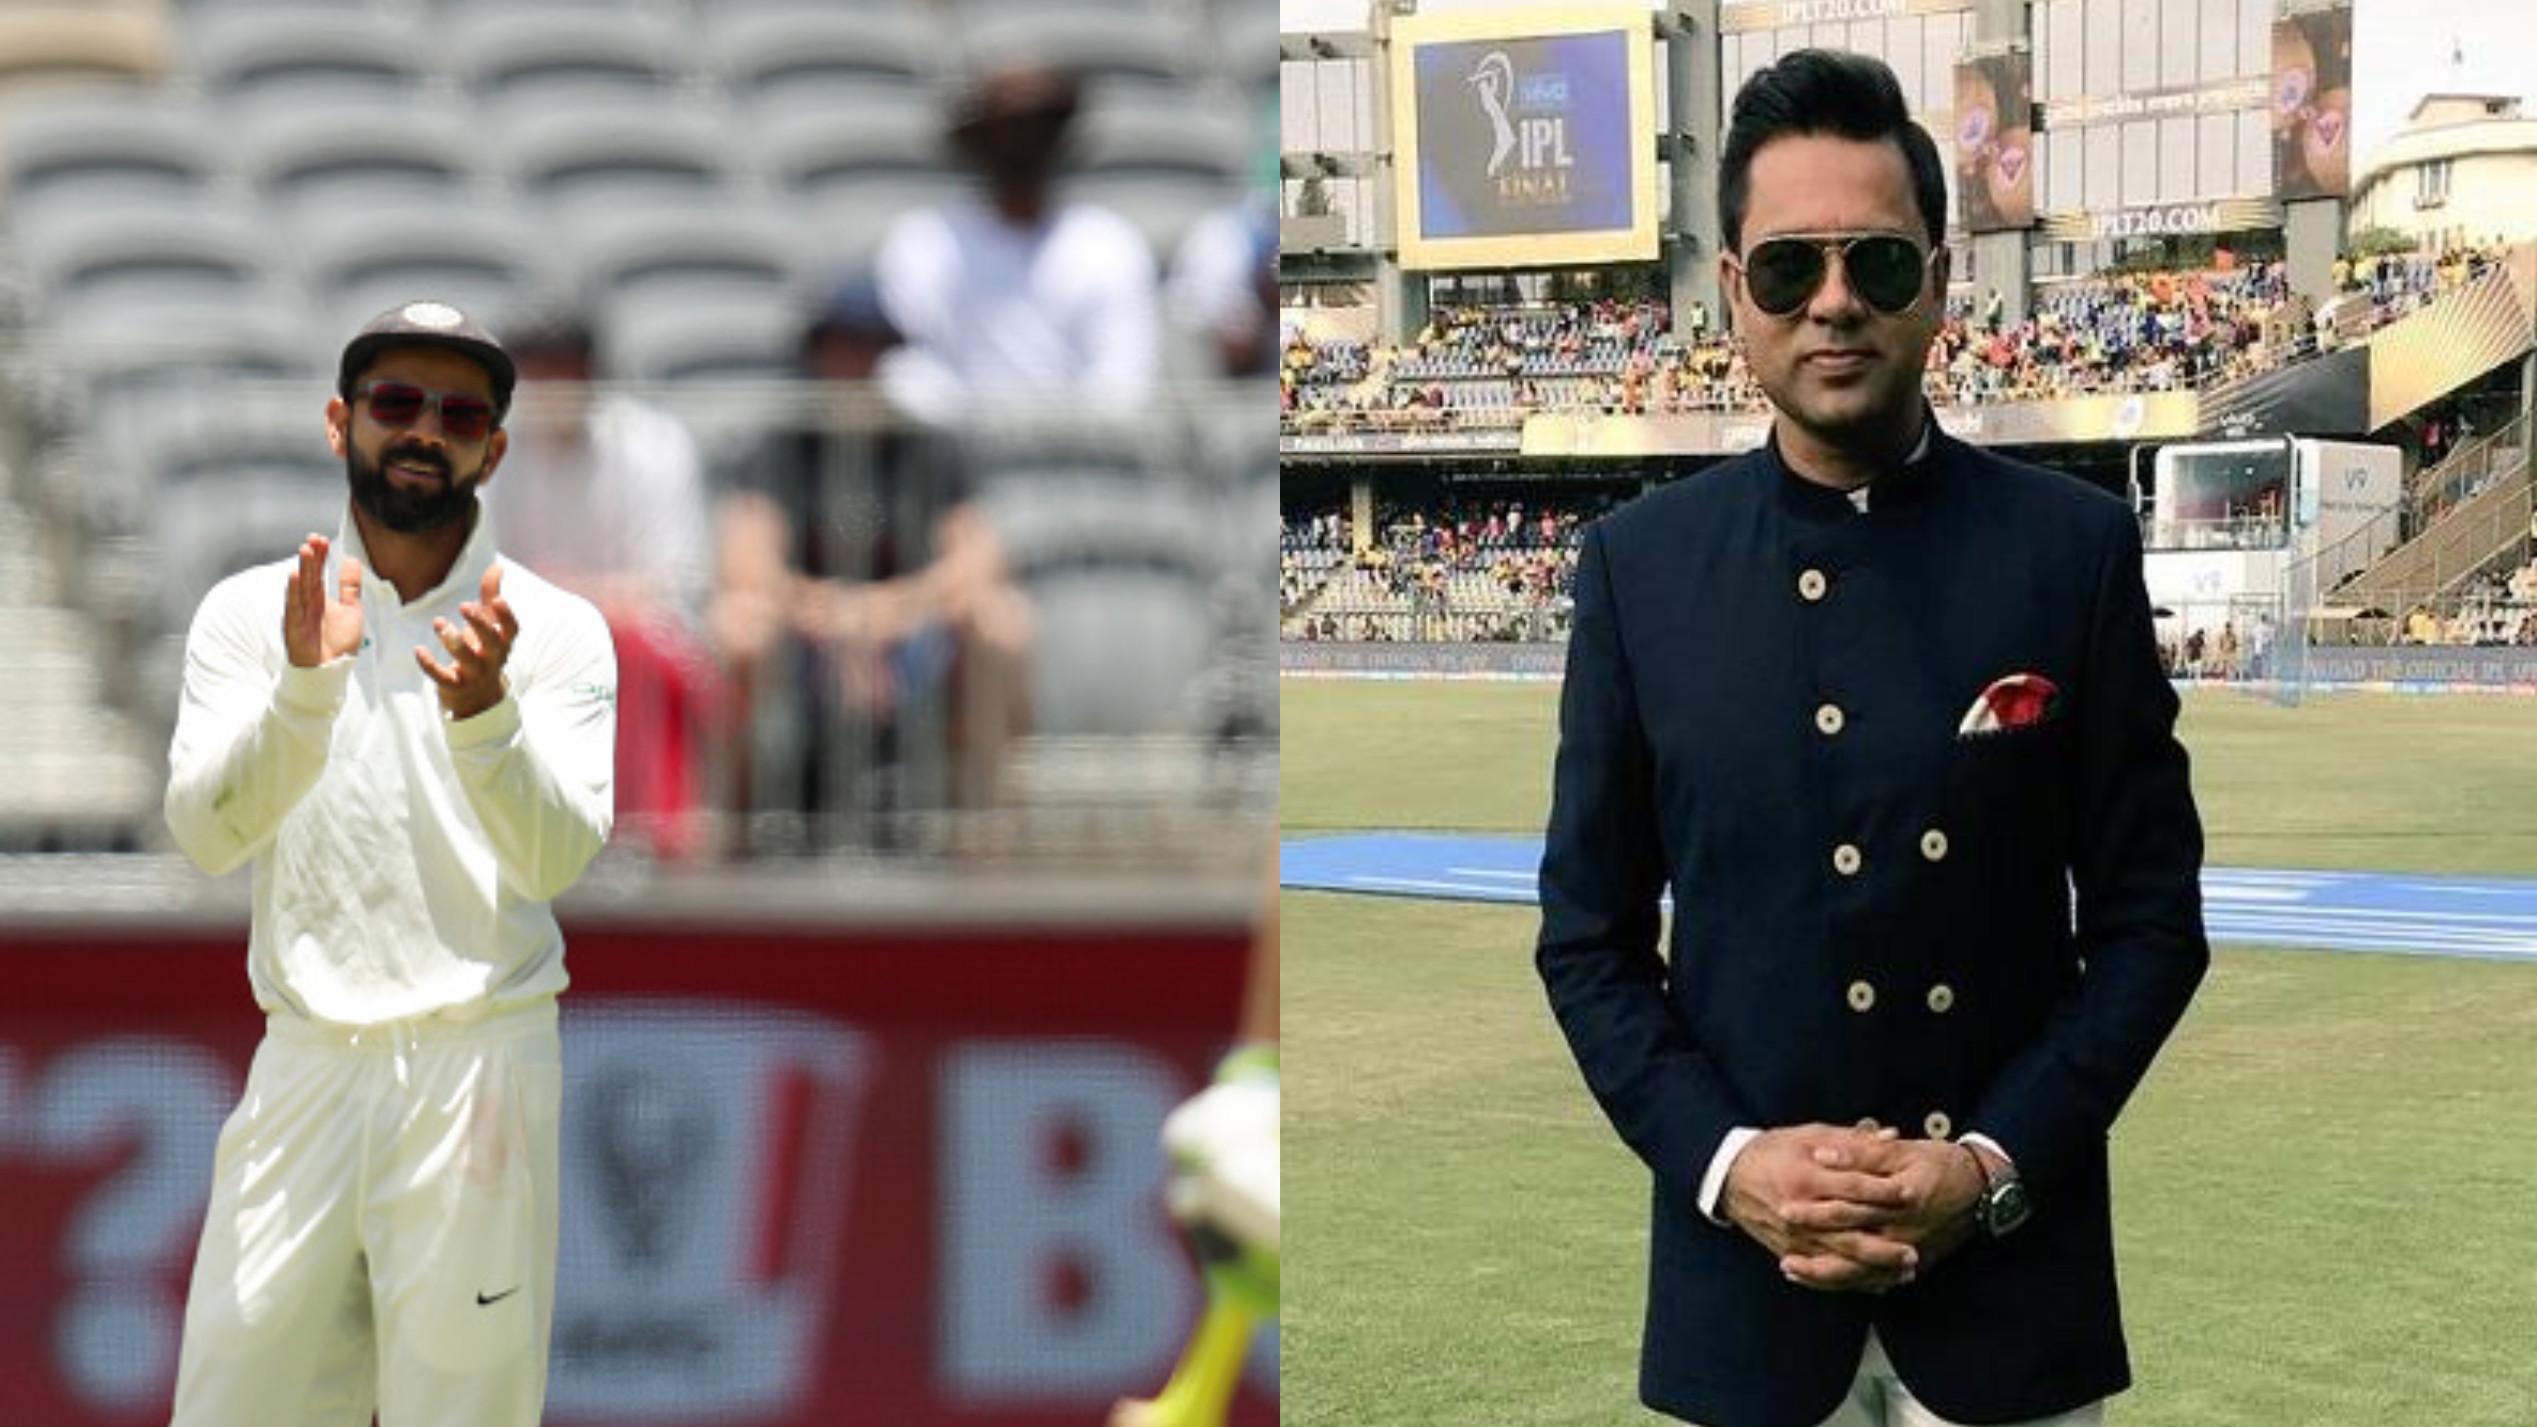 AUS v IND 2018-19 : आकाश चोपड़ा ने विराट कोहली का समर्थन करते हुए ऑस्ट्रेलिया को पहले अपने व्यवहार को देखने को कहा